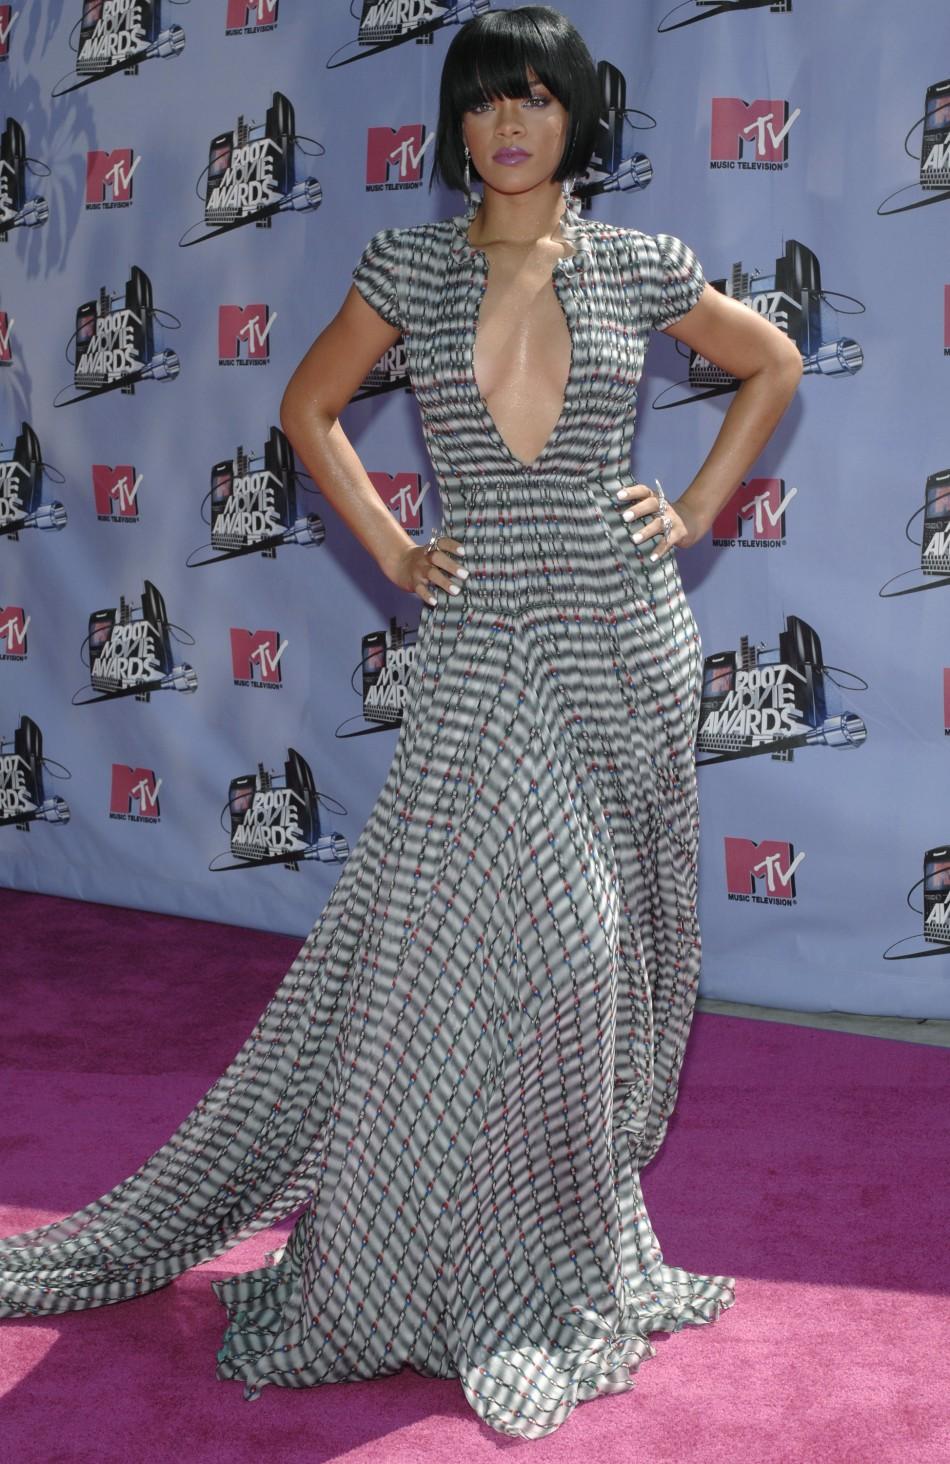 Singer Rihanna attends the 2007 MTV Movie Awards in Los Angeles, California June 3, 2007.